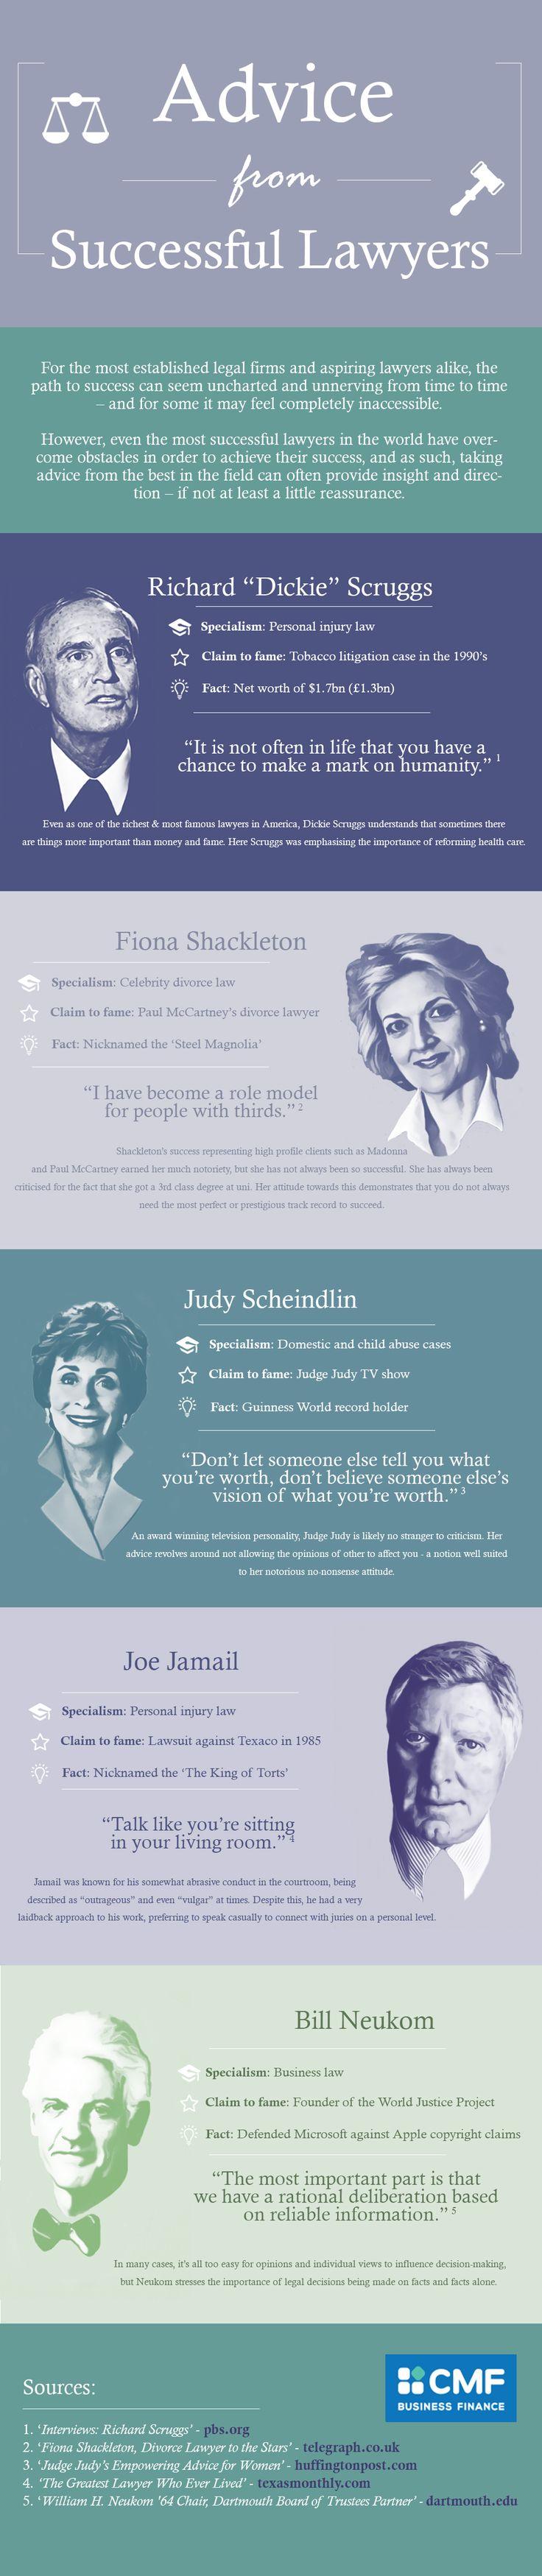 Advice from Successful Lawyers #Infographic #Advice #Quotes ...repinned für Gewinner! - jetzt gratis Erfolgsratgeber sichern www.ratsucher.de